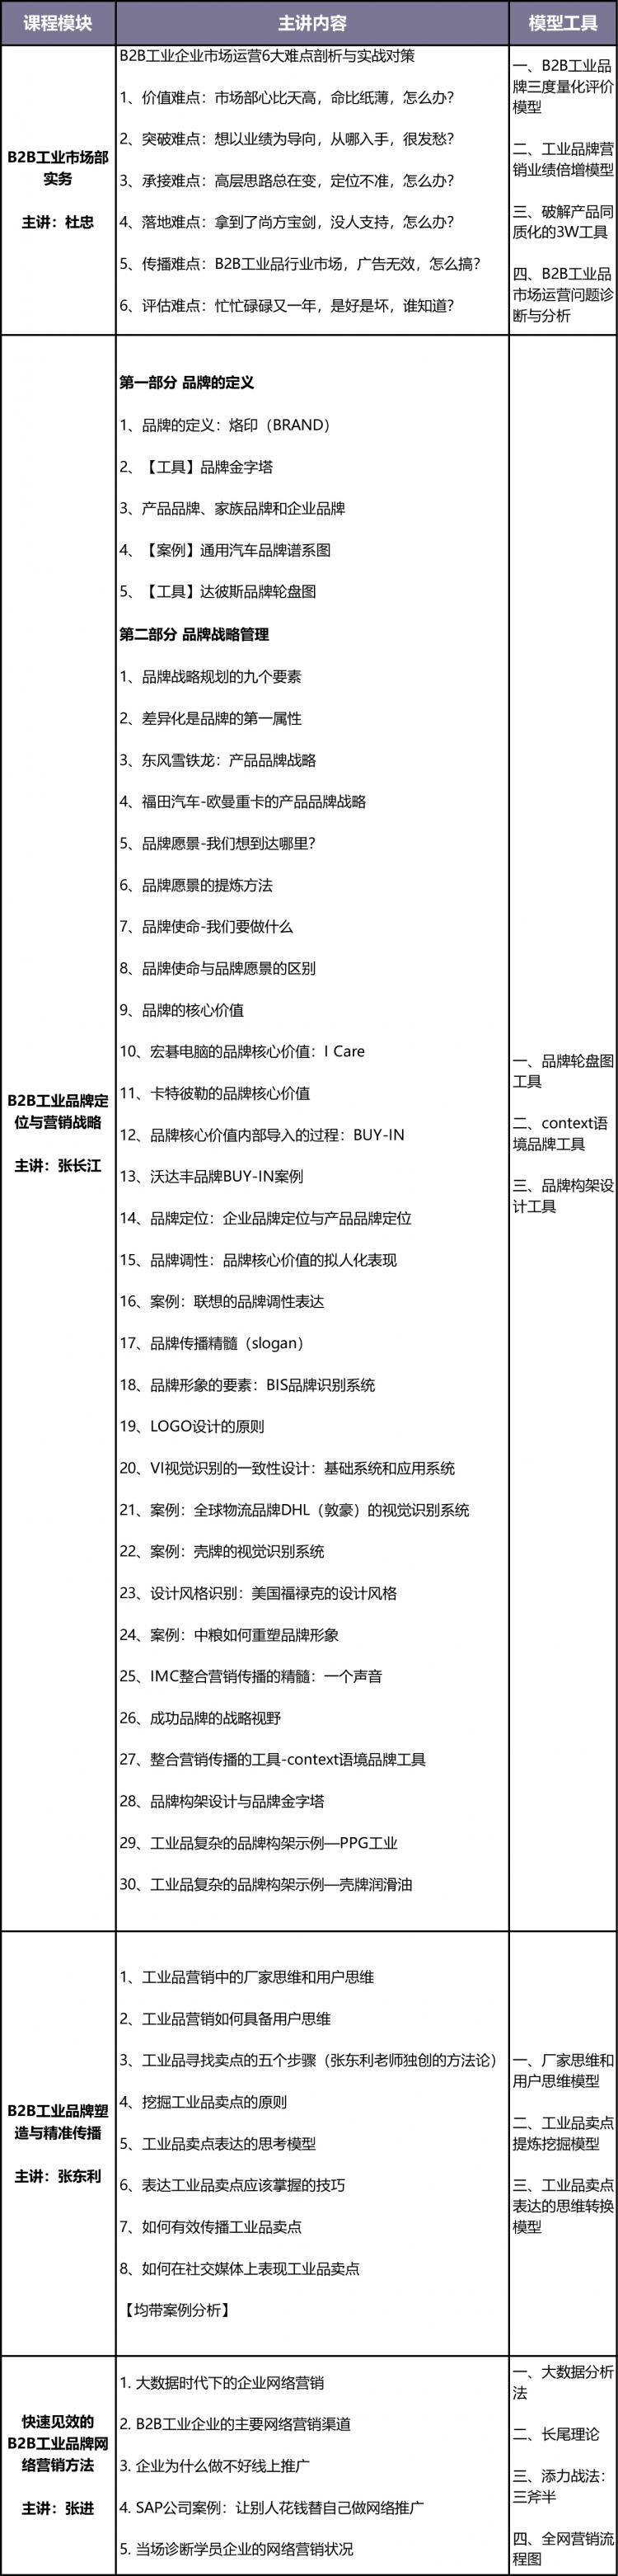 课程表.jpg